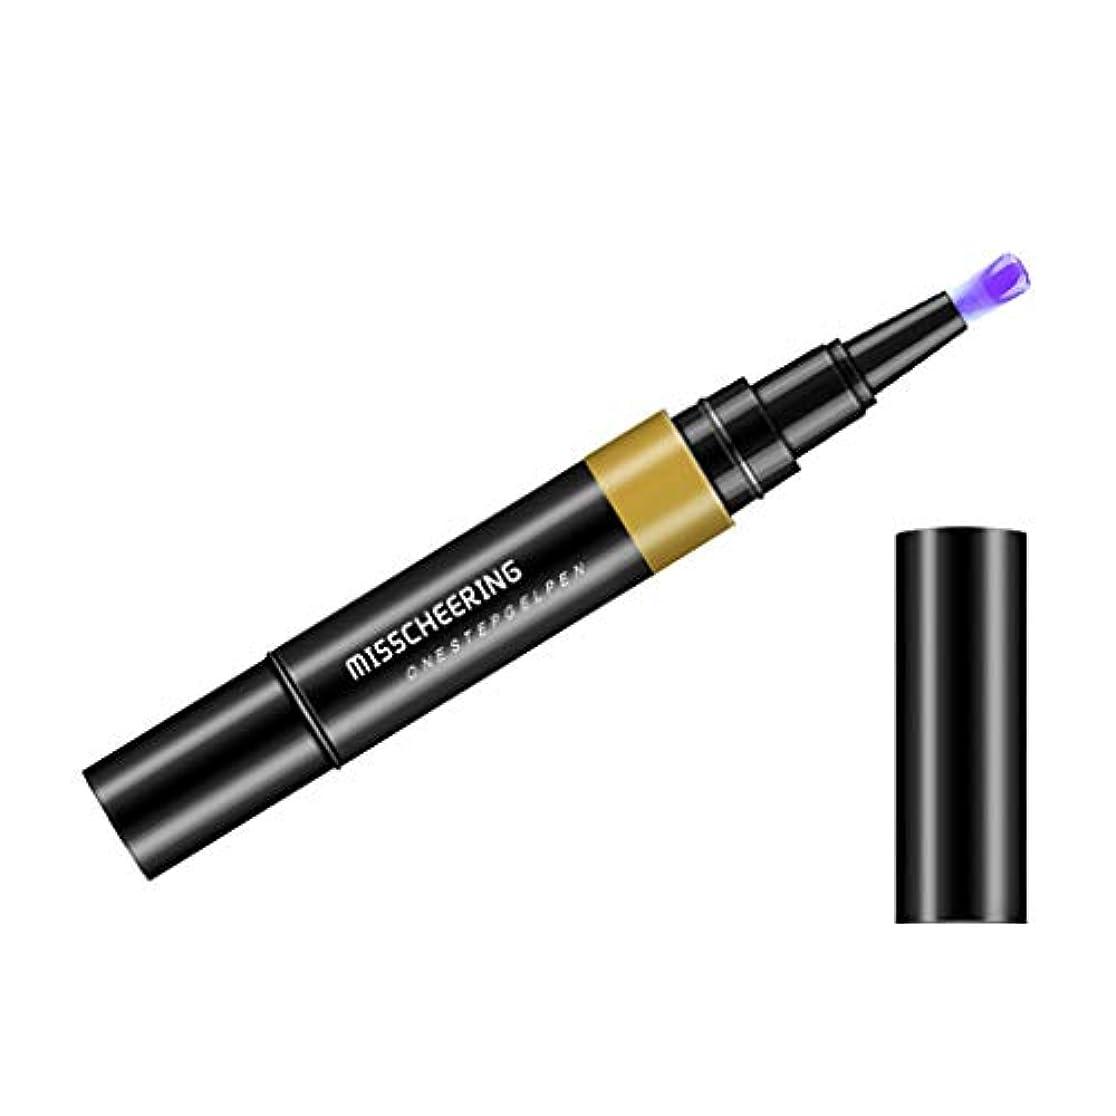 エンドウ電圧科学Toygogo ジェル マニキュアペン ワニスラッカー ネイルアートペン 3 イン 1 サロン 初心者 セルフネイル DIY - ライトパープル